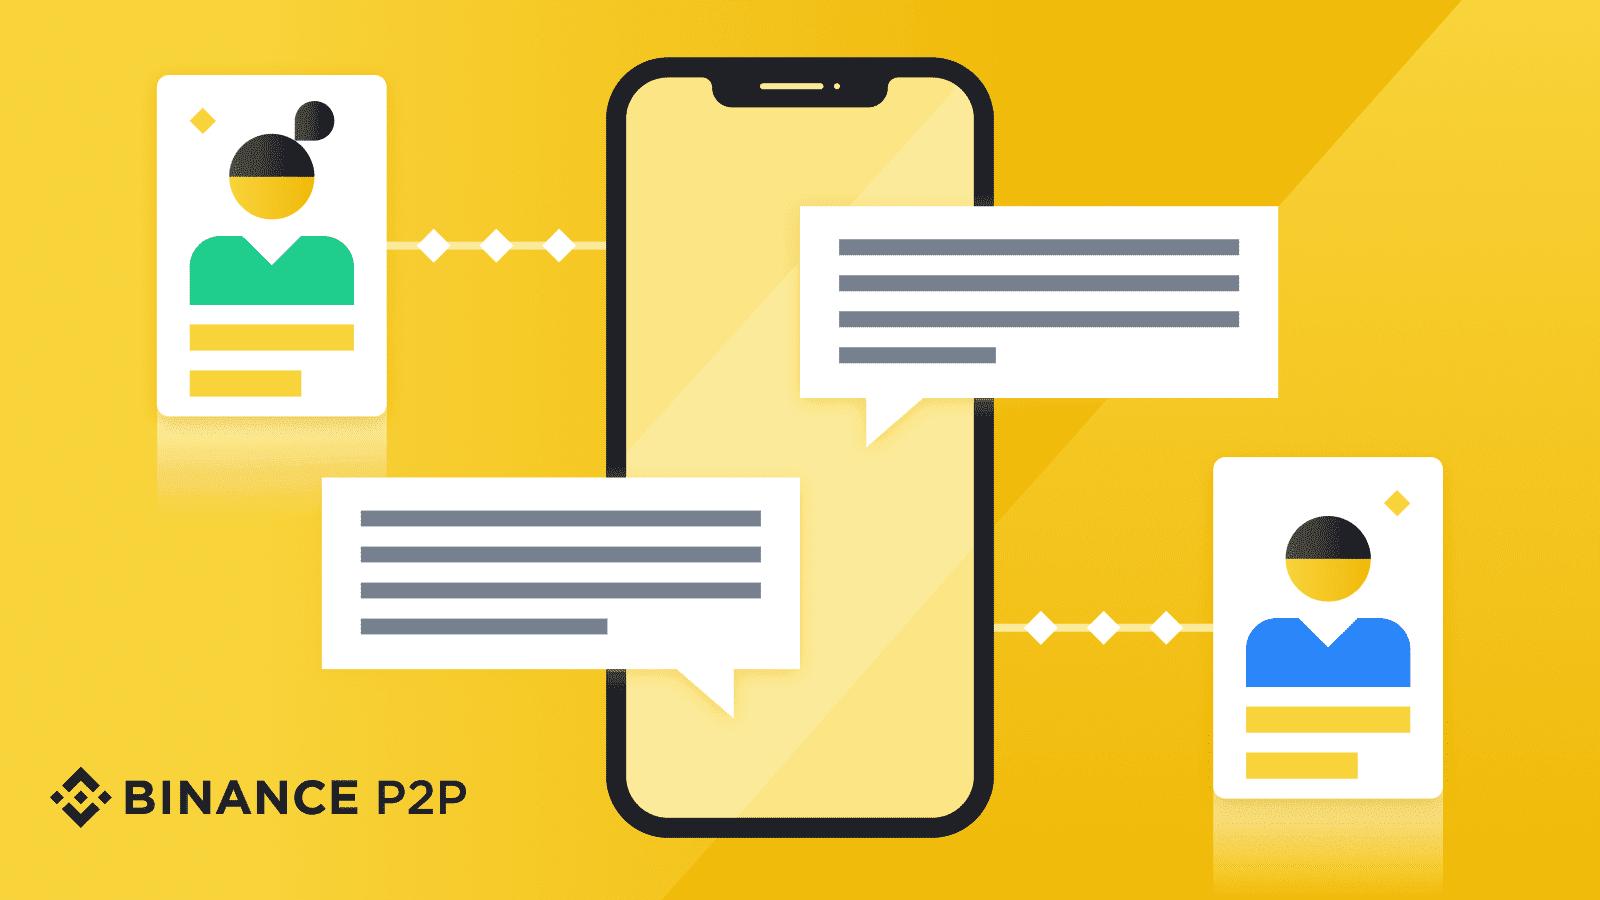 Các mẹo sử dụng cổng Chat Binance P2P hiệu quả để tránh rắc rối về Giao dịch